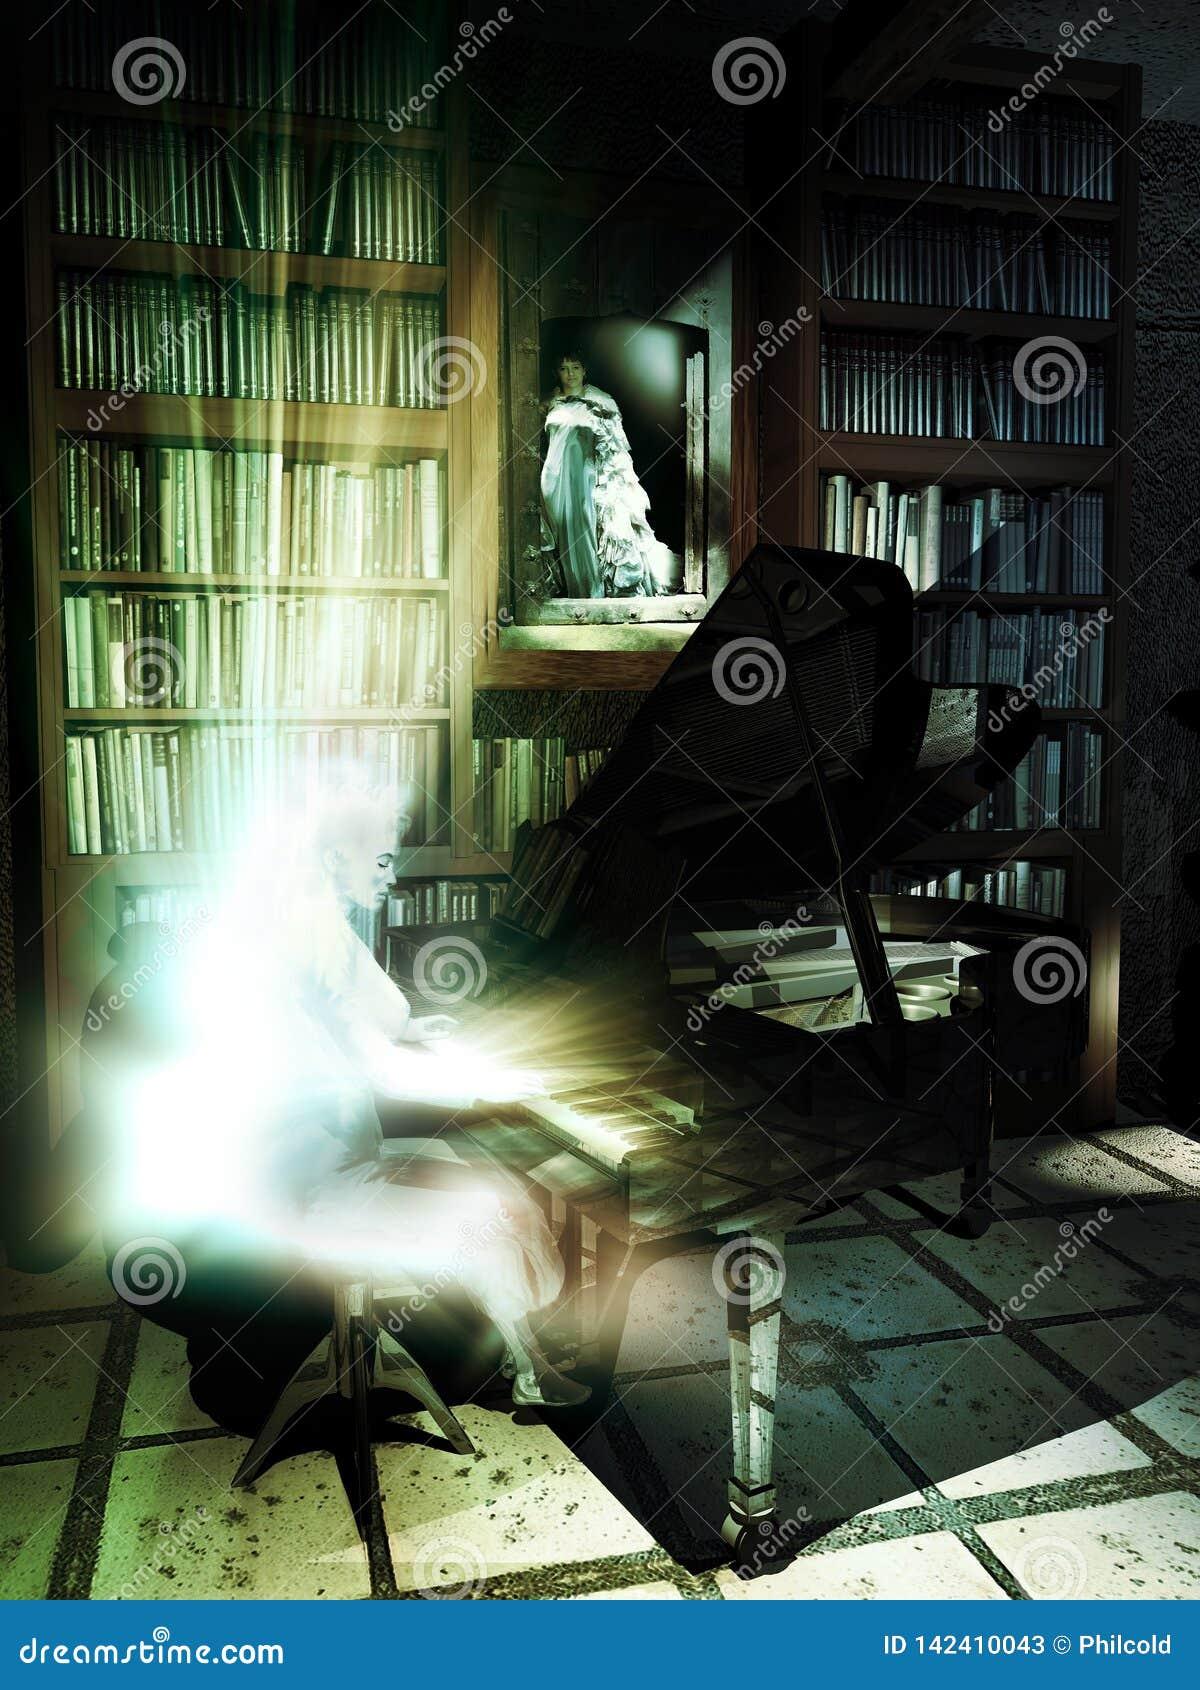 Φάντασμα στο πιάνο στη βιβλιοθήκη